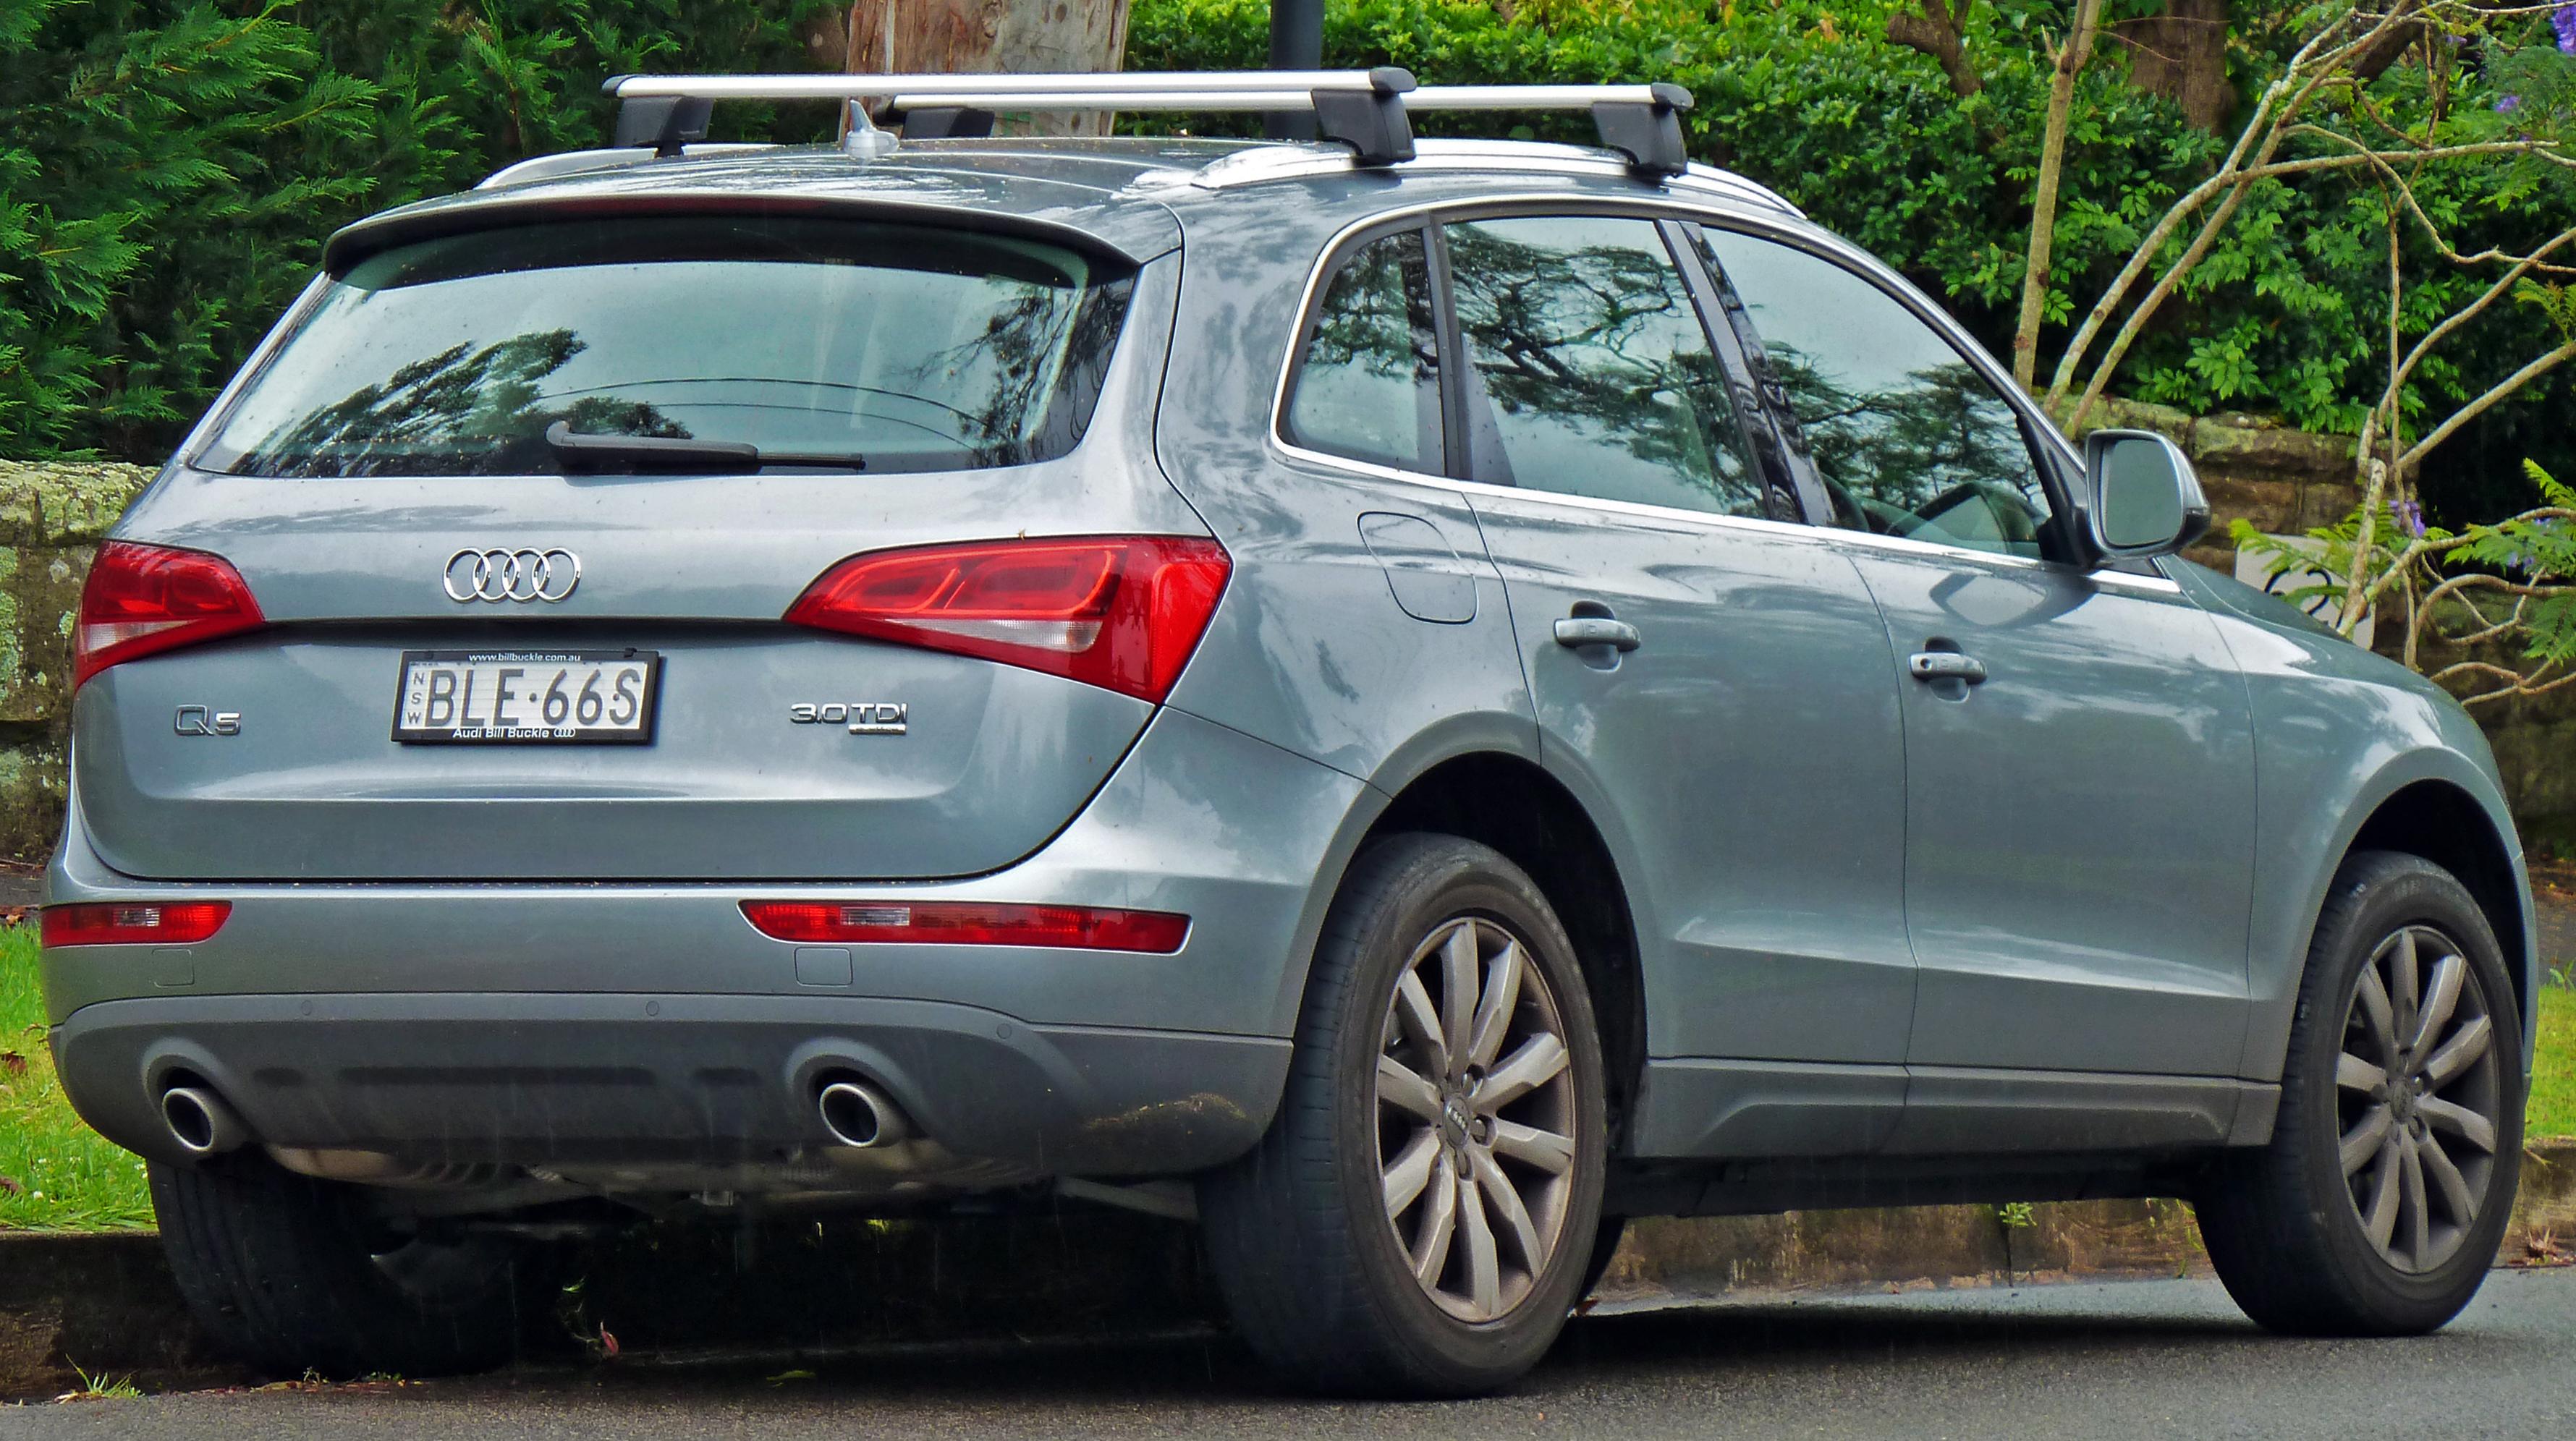 File:2009-2010 Audi Q5 (8R) 3.0 TDI quattro wagon 01.jpg - Wikimedia ...